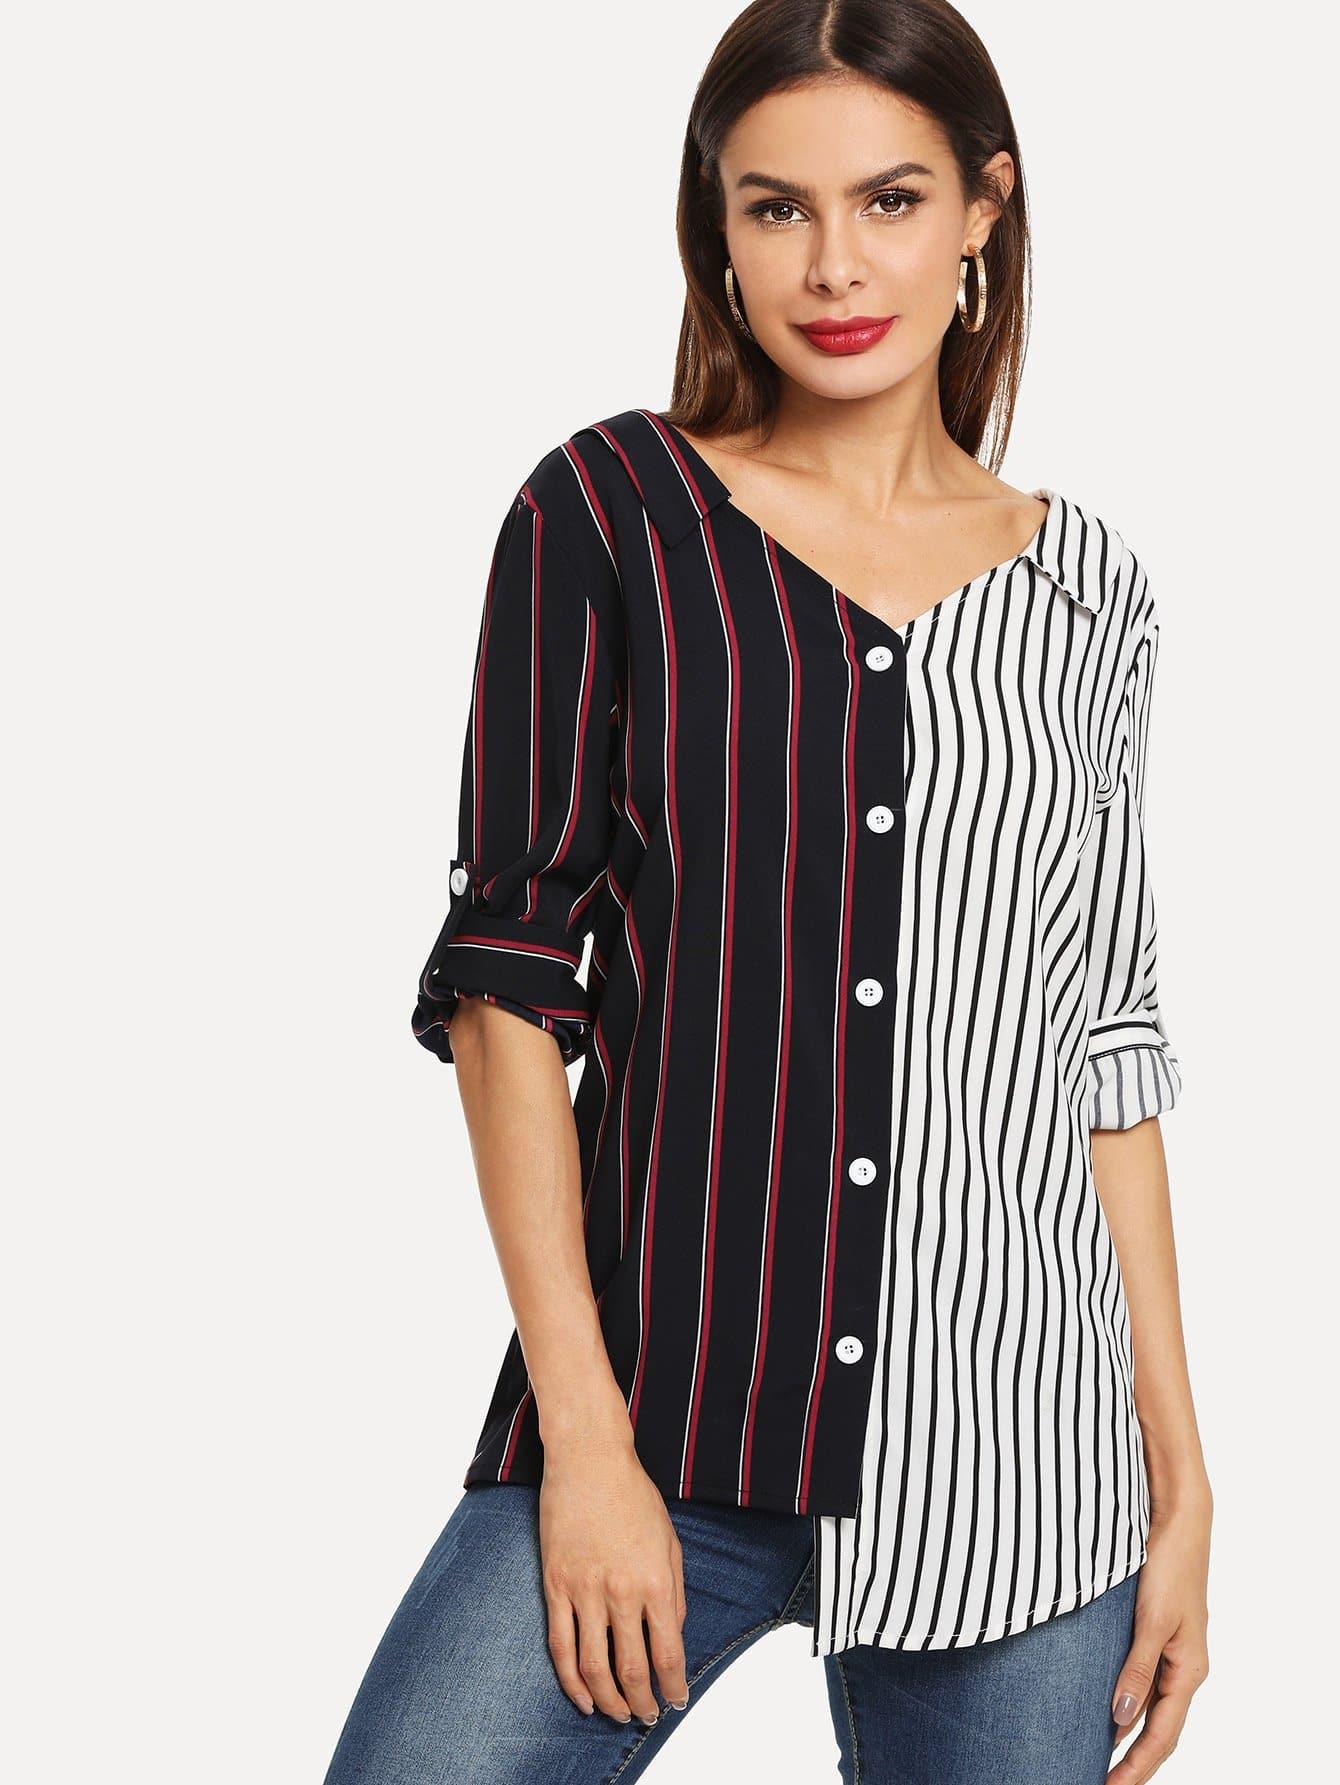 Купить Рубашка со симметрическими полосами и с украшением пуговицы, Andy, SheIn